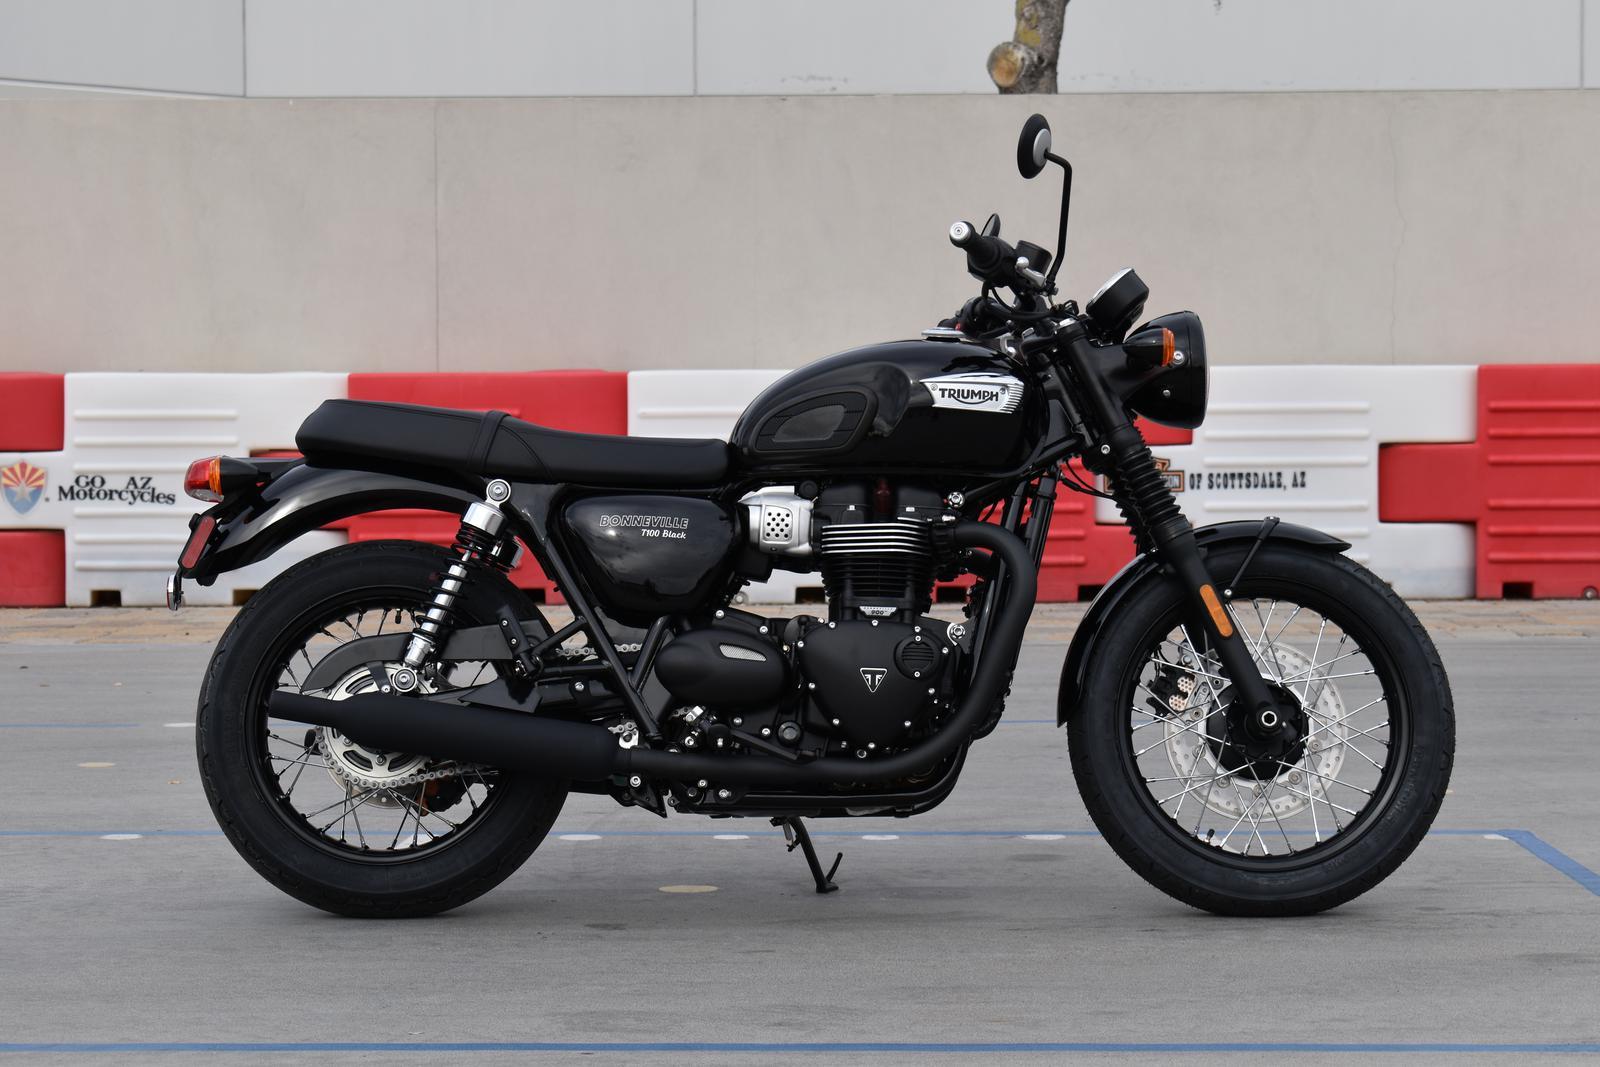 2020 Triumph Bonneville T100 Black For Sale In Scottsdale Az Go Az Motorcycles In Scottsdale 480 609 1800